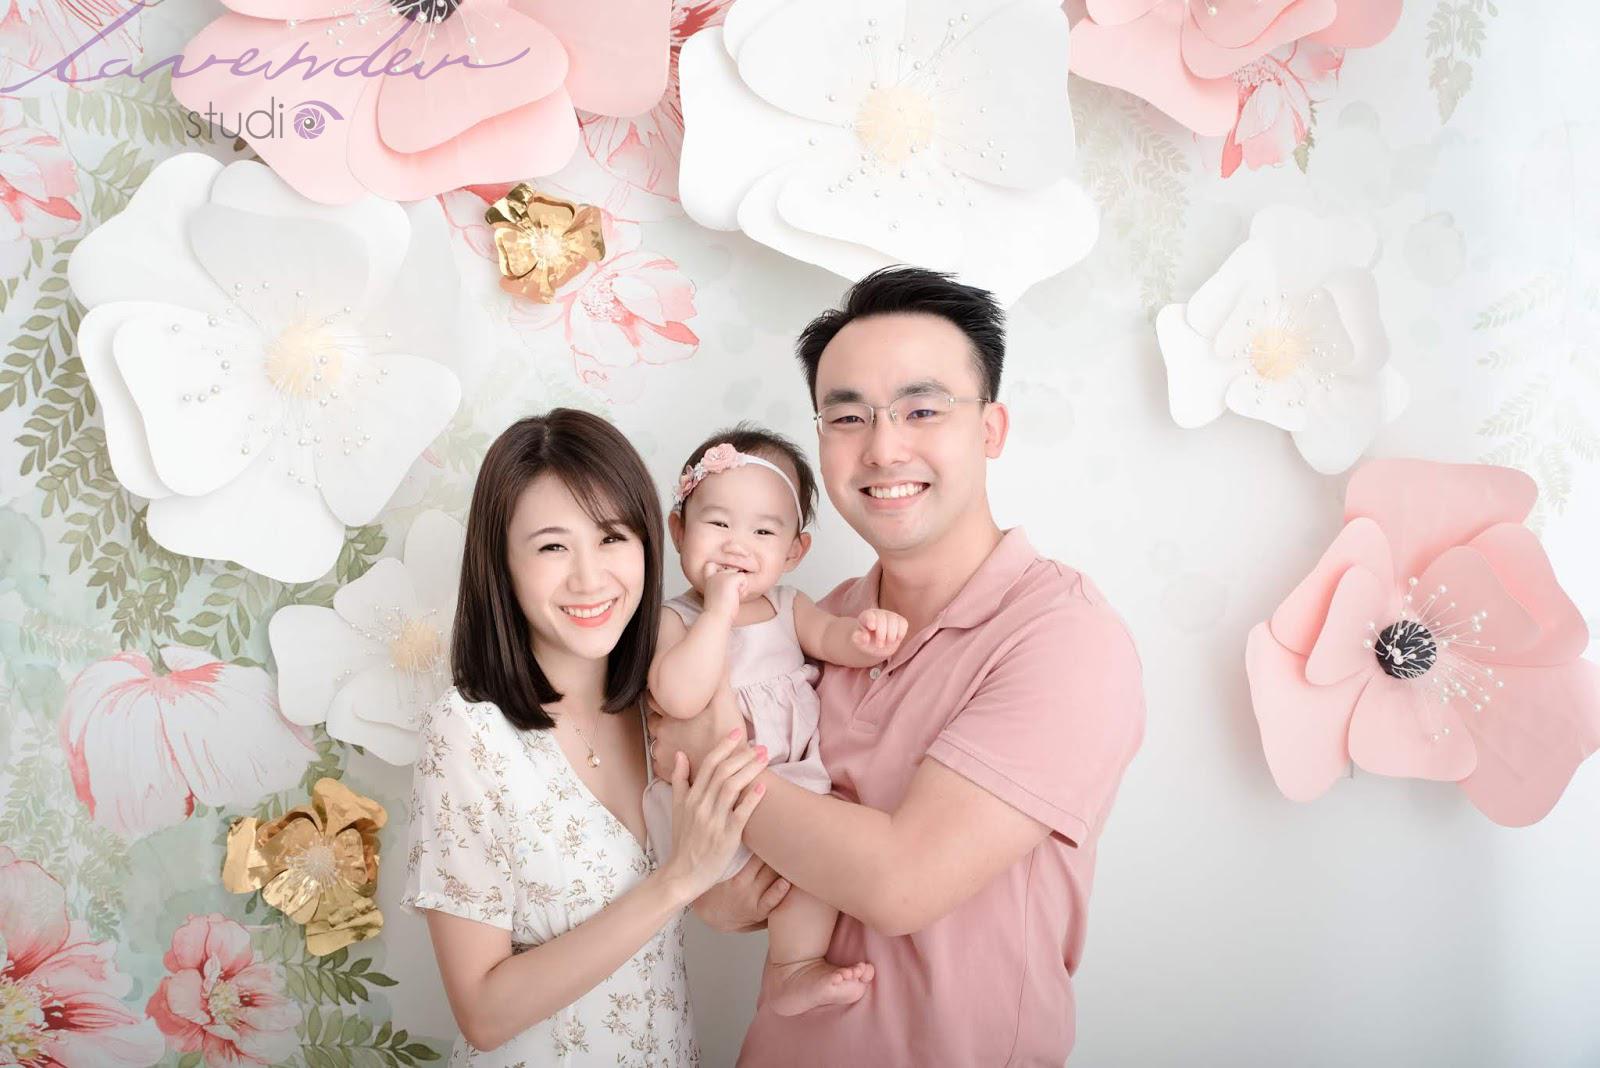 chup hình mẹ và bé cùng gia đình tphcm